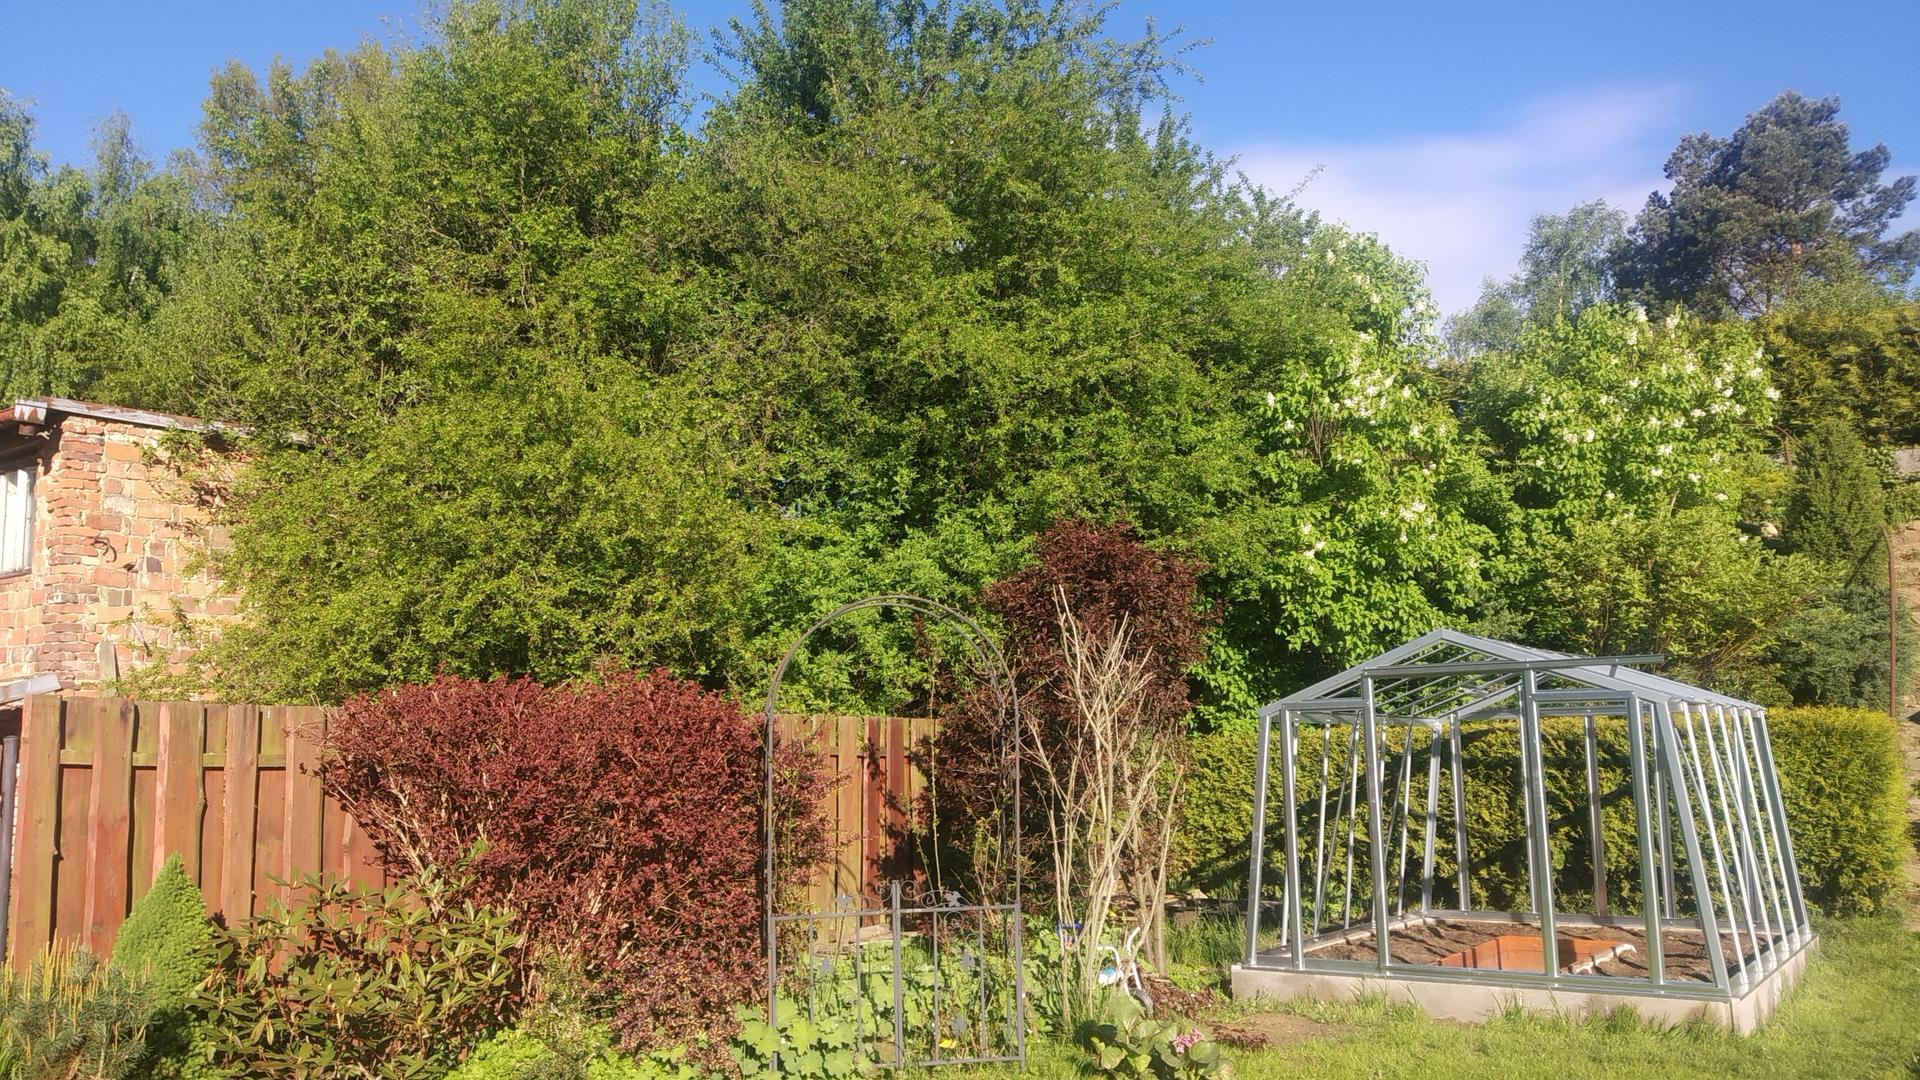 Zahrada 2021 a budování skleníku - Obrázek č. 15